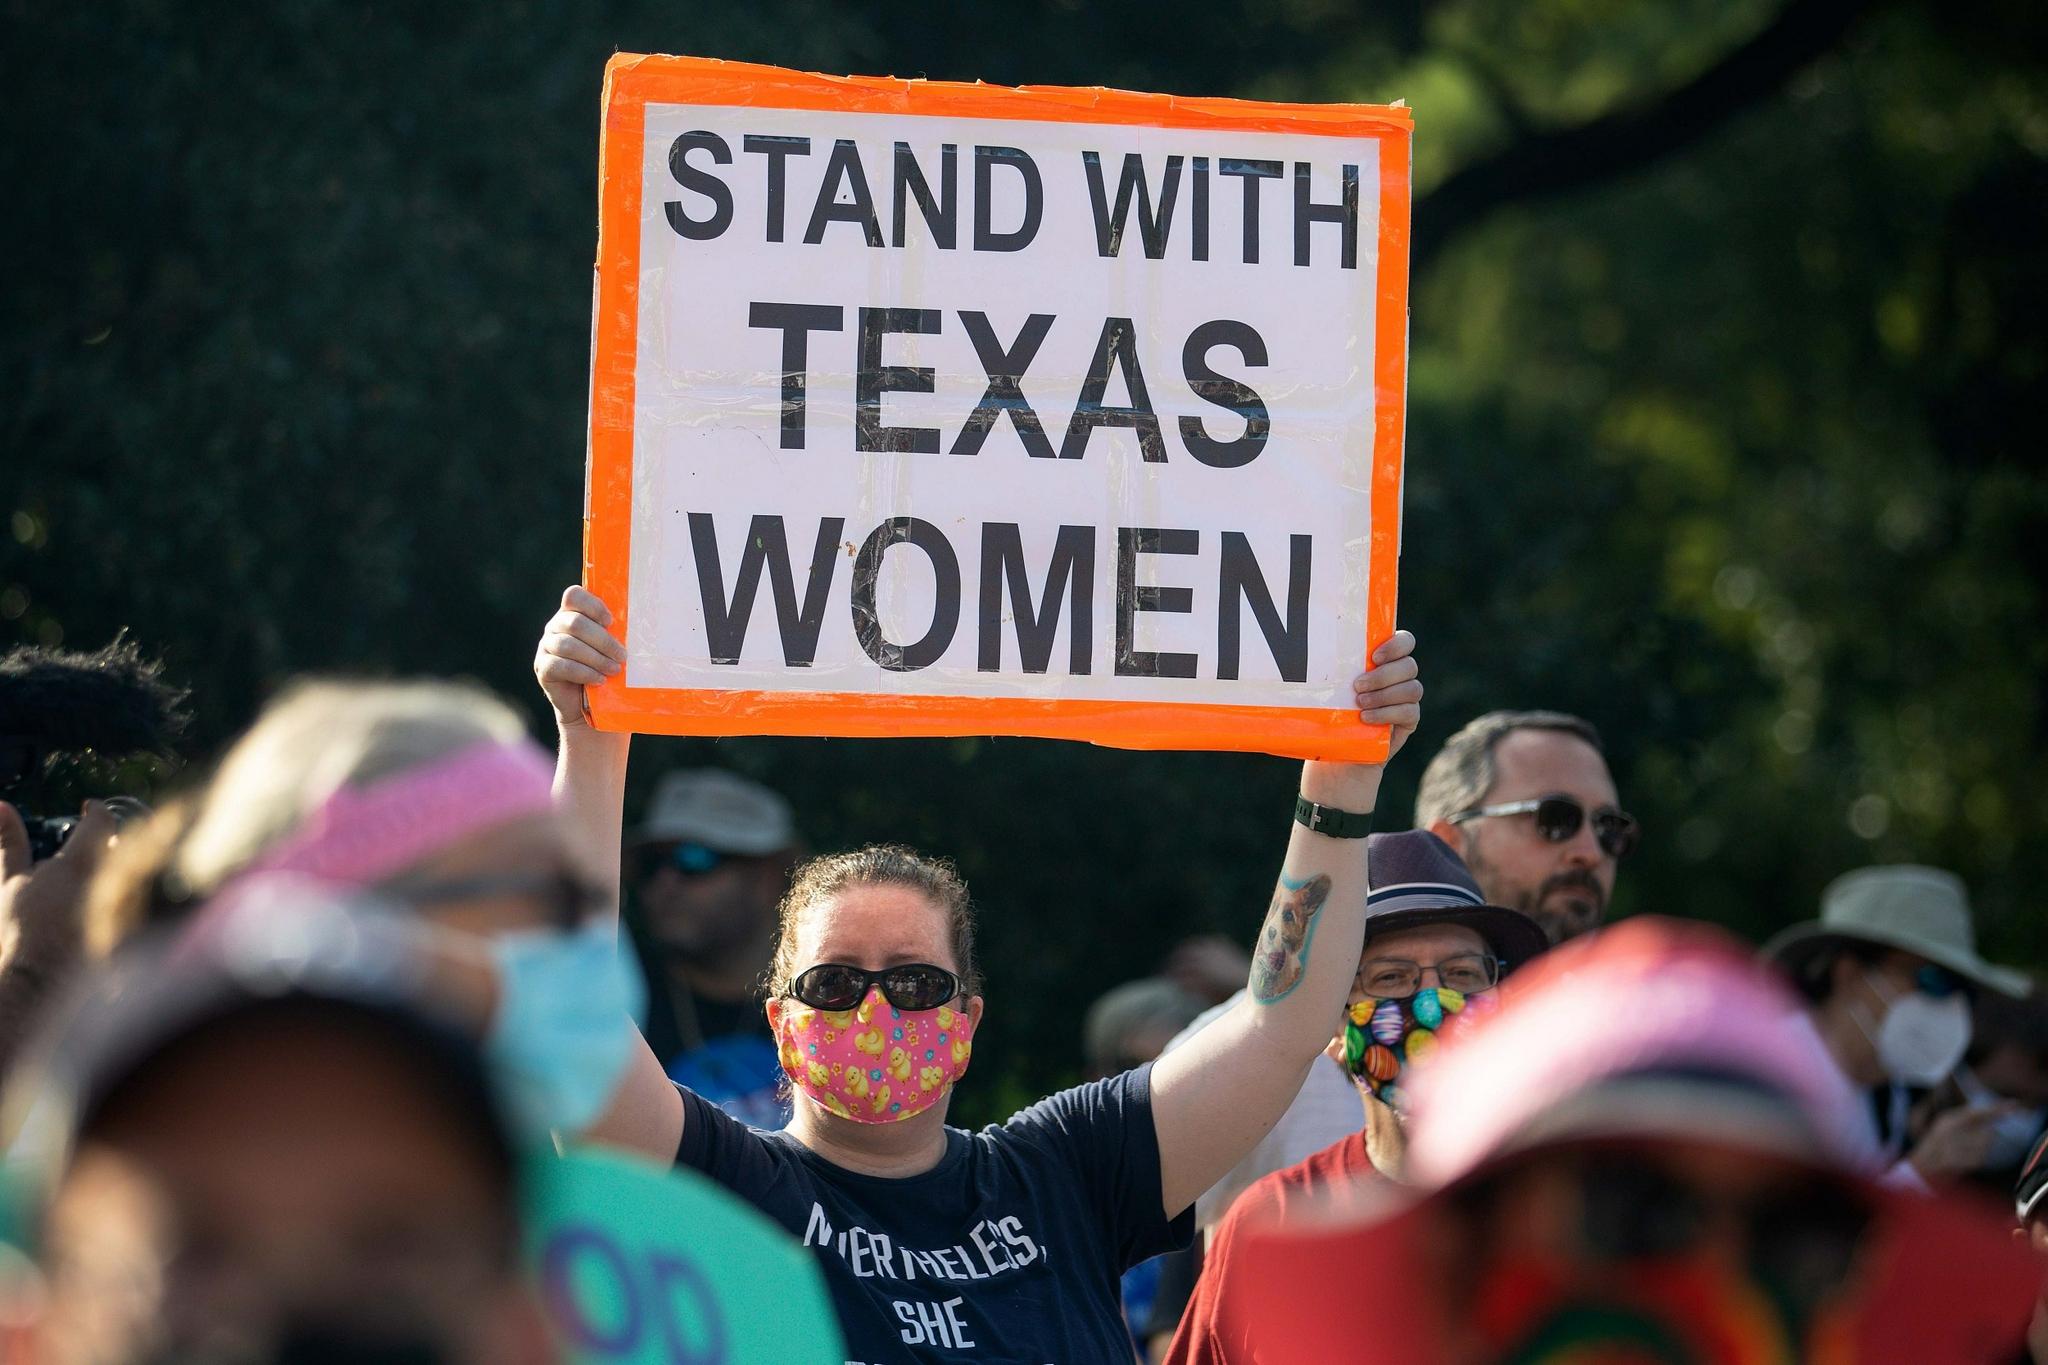 """实施刚满1个月,美国得州""""最严堕胎法""""被临时禁止"""